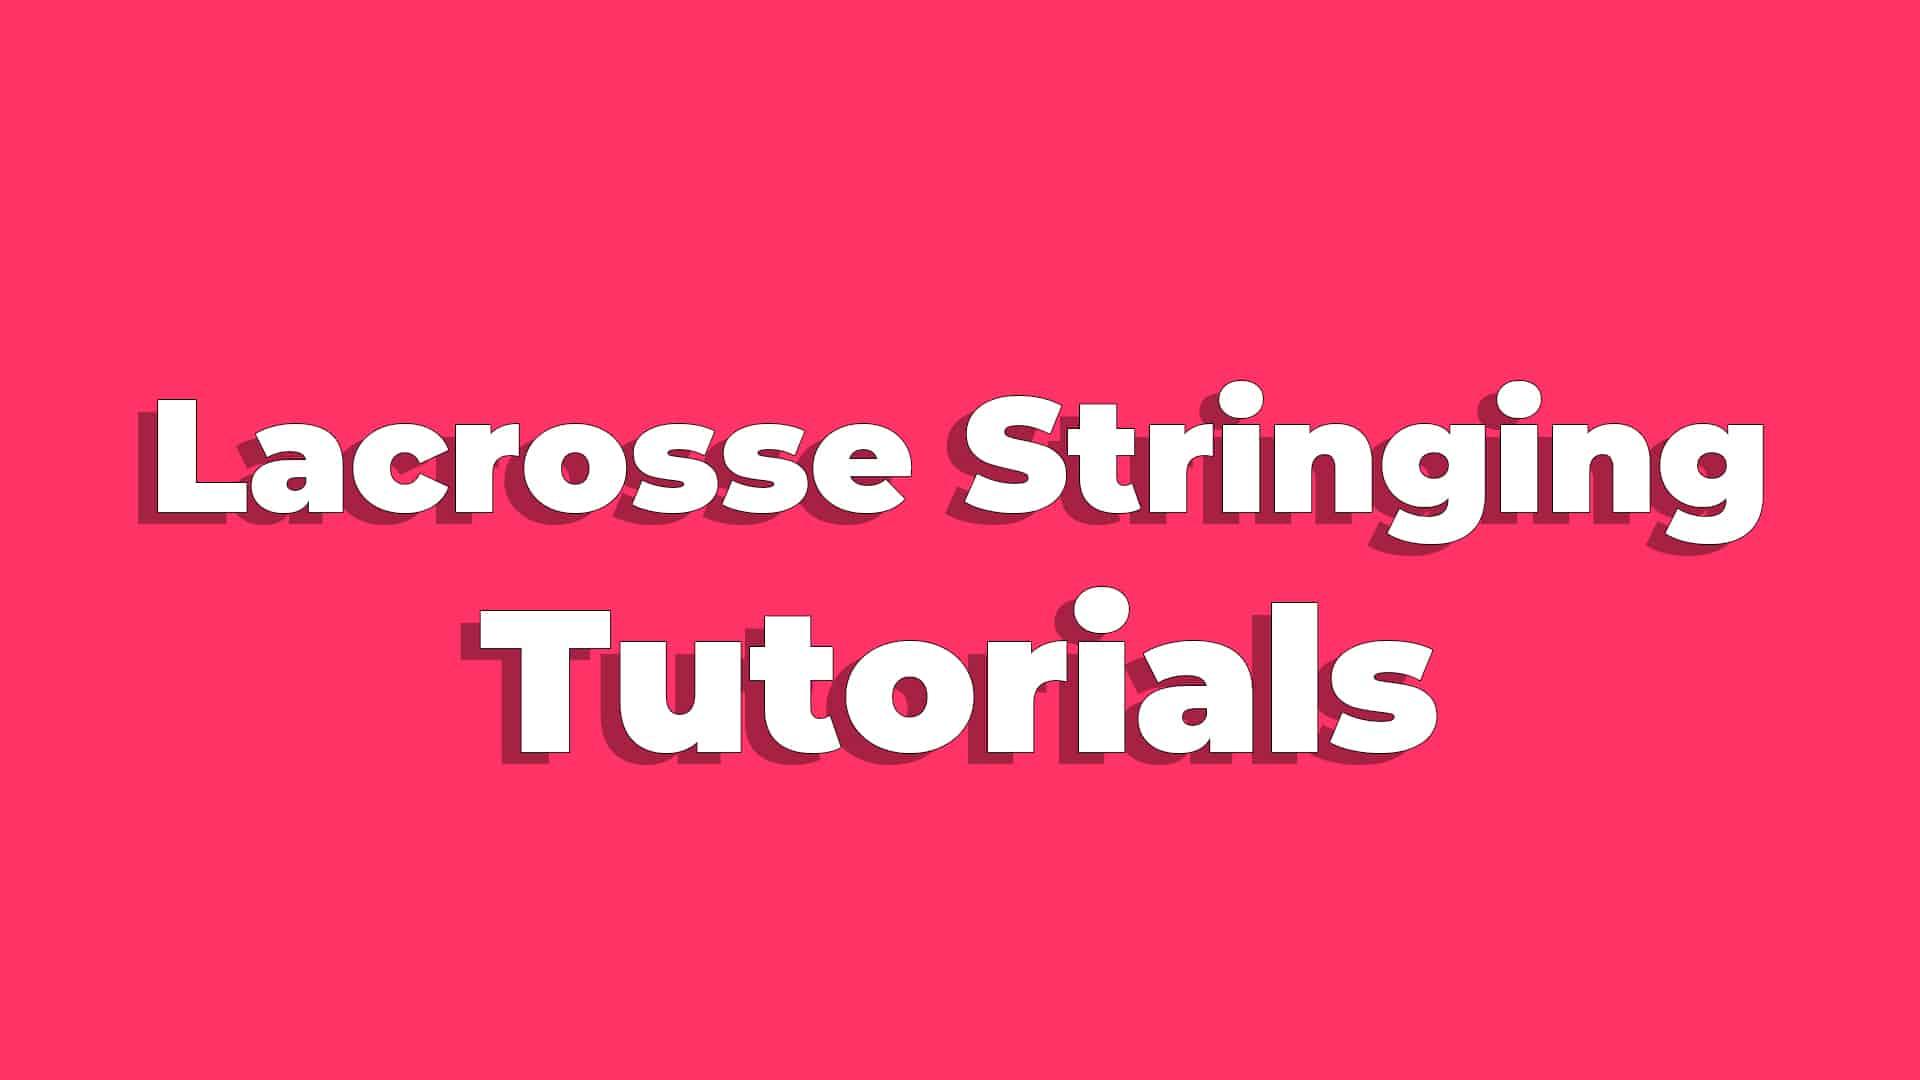 lacrosse stringing tutorials